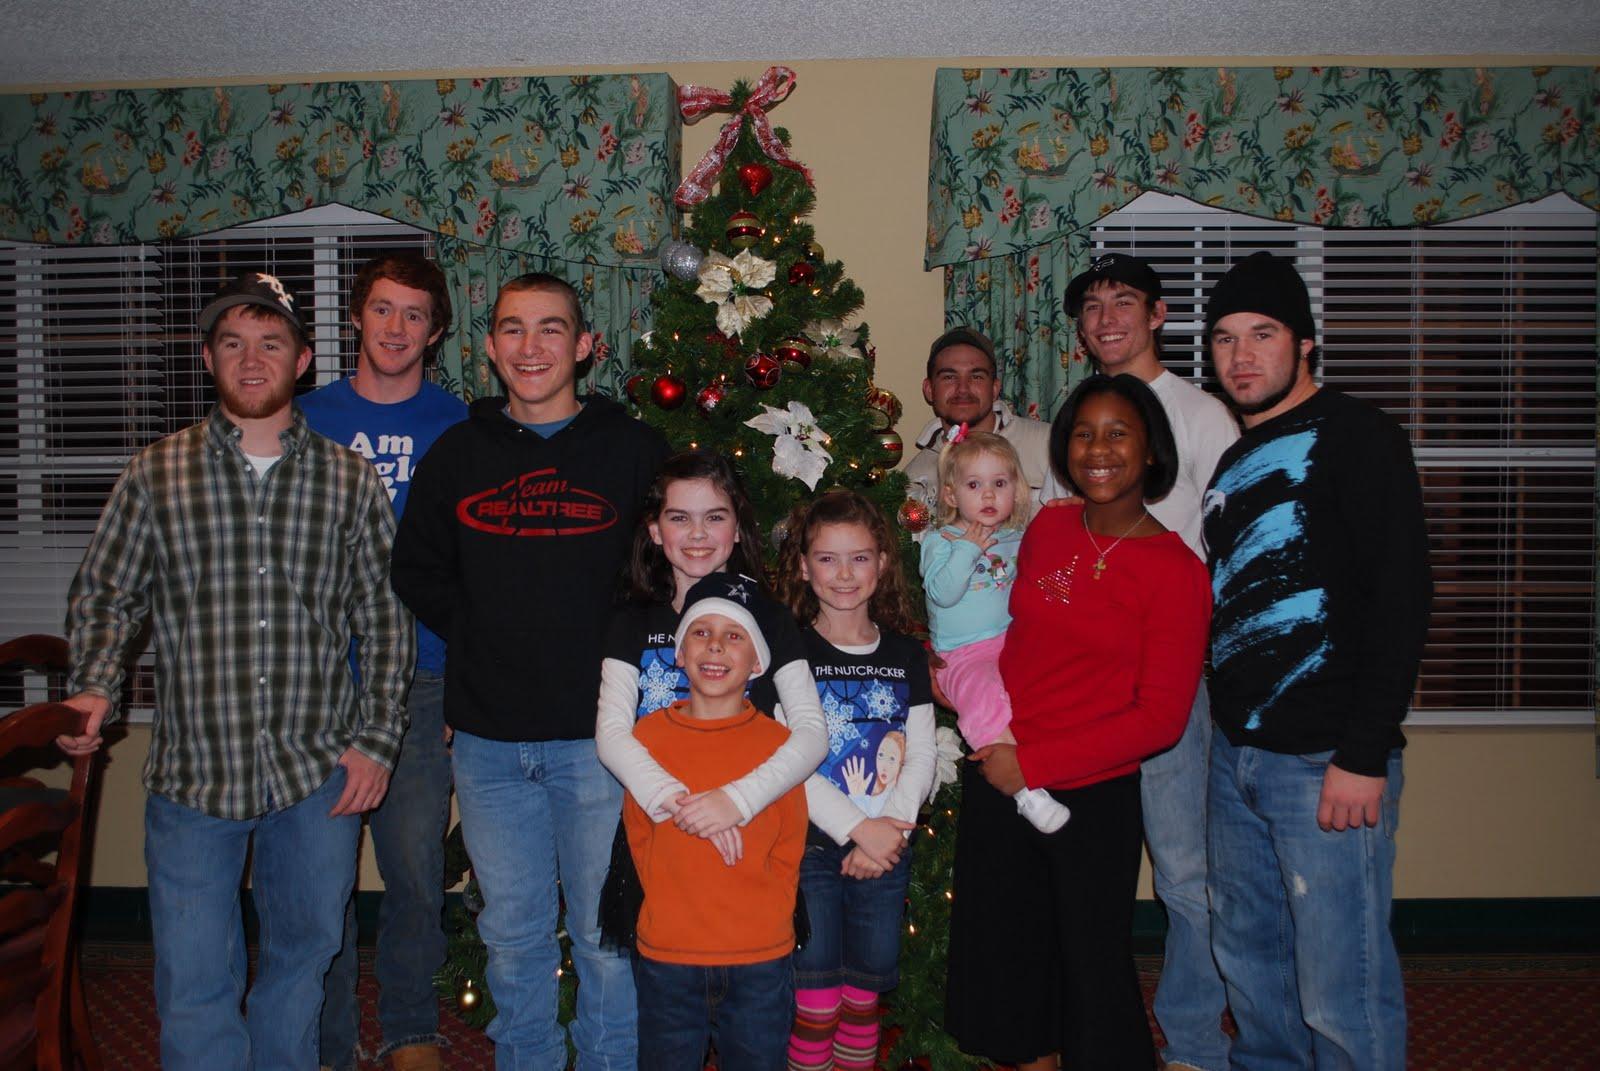 [Kids+Christmas]